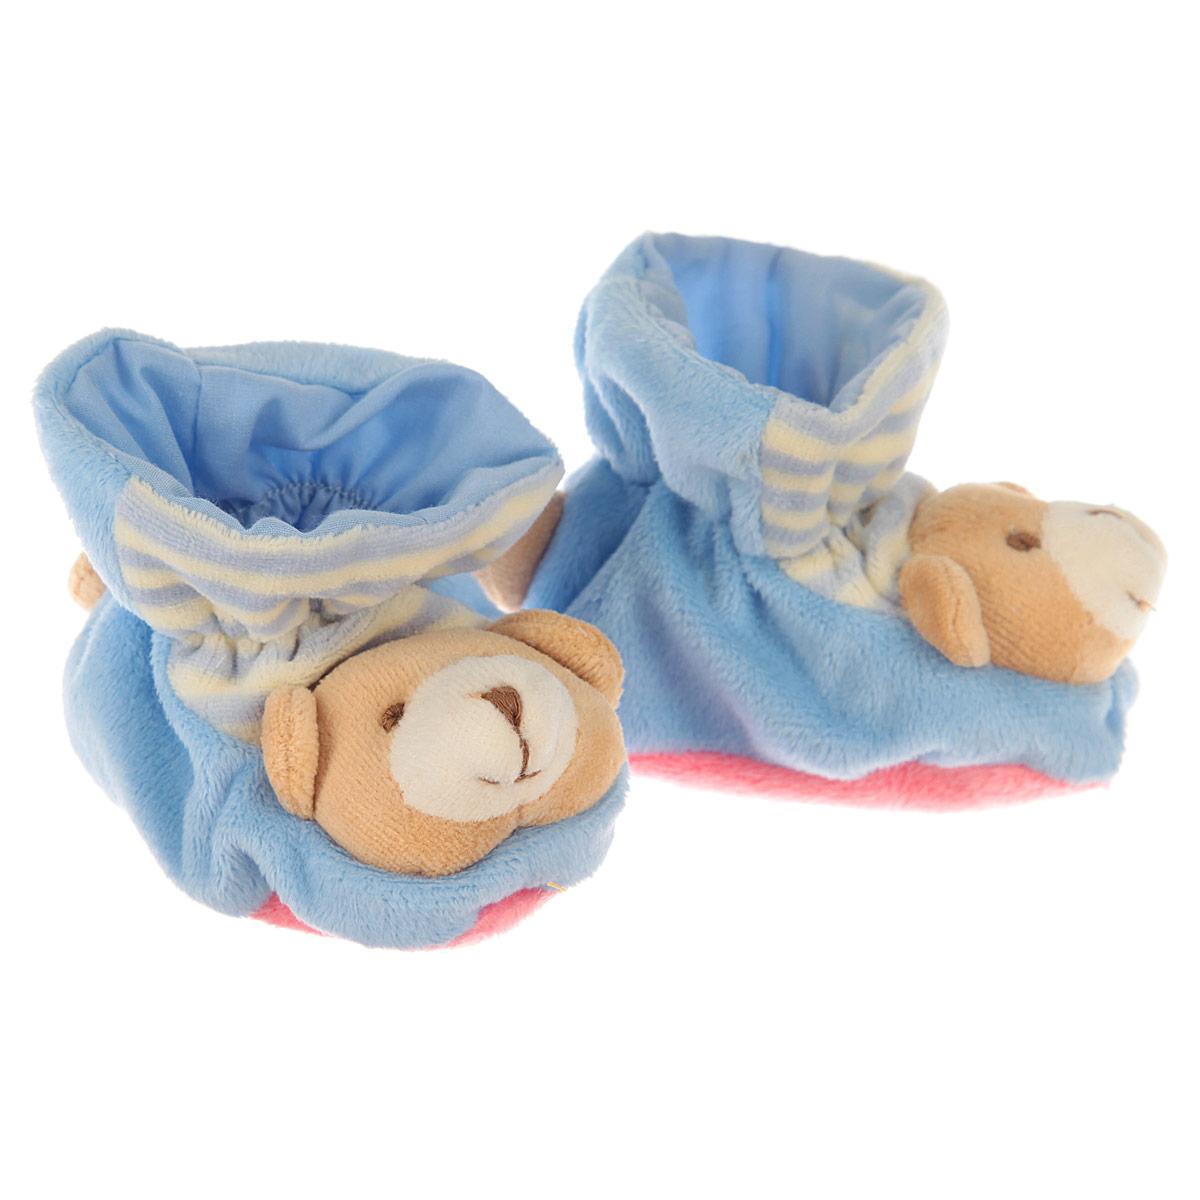 Р47061Очаровательные пинетки Baby Nice Мишки идеально подойдут для маленьких ножек вашего крохи! Они очень нежные и приятные на ощупь, не раздражают кожу и хорошо вентилируются. В хлопковых велюровых пинетках ножка малыша дышит и не мерзнет - созданы все комфортные условия, для того, чтобы подумать о первых шагах! Пинетки изготовлены из очень мягкого и приятного на ощупь ворсистого материала - 100% хлопка и оформлены объемной головой в виде медвежонка. Благодаря скрытой эластичной резинке пинетки будут отлично держаться на ножке младенца. Подошва выполнена в контрастном цвете. Такие пинетки - отличное решение для малышей и их родителей!